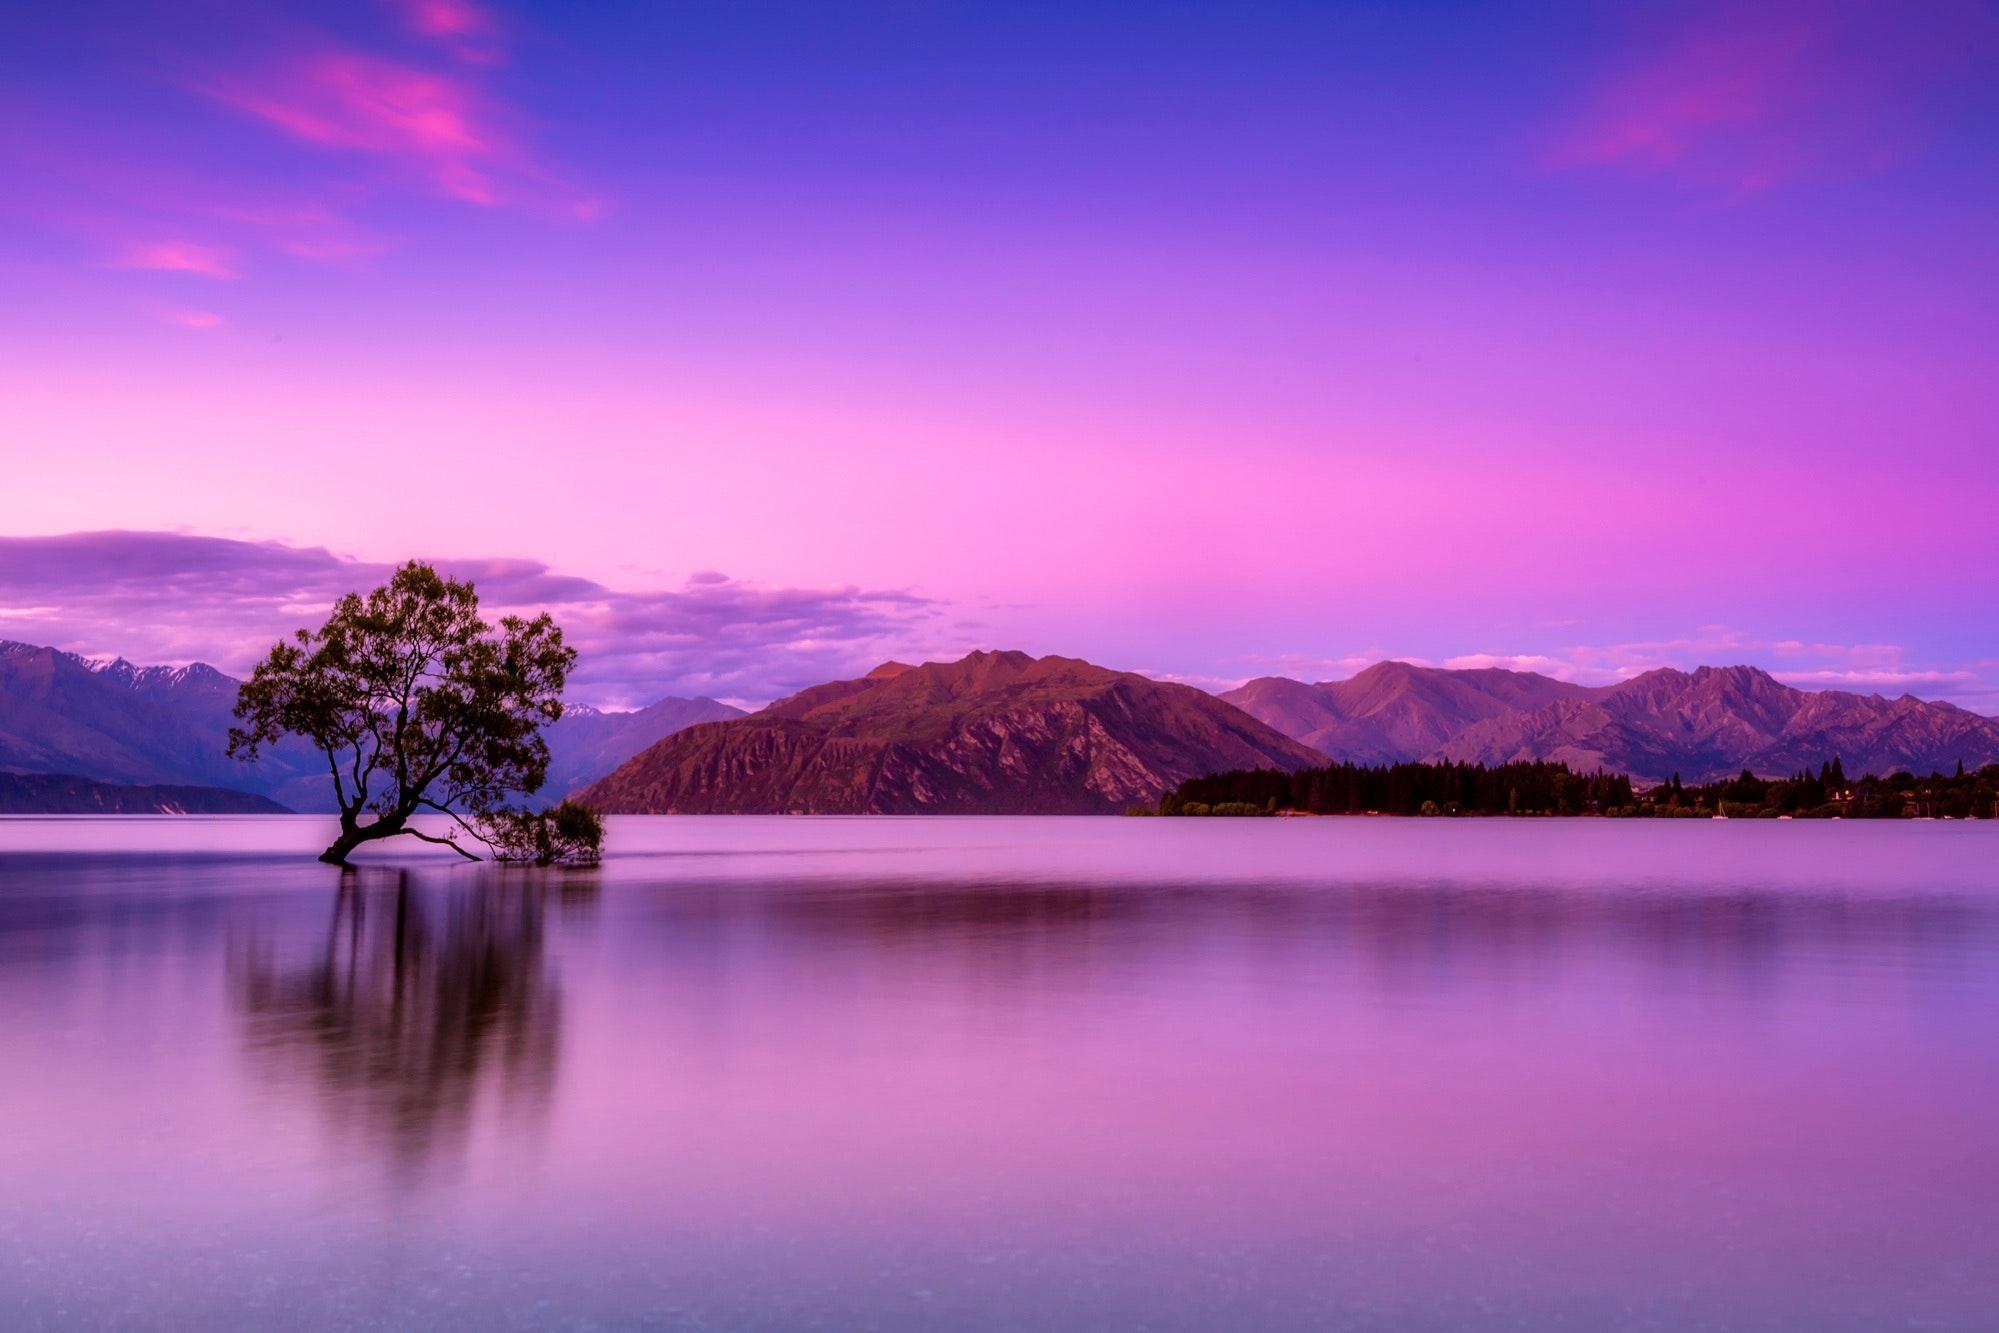 Hình nền phong cảnh tím mộng mơ